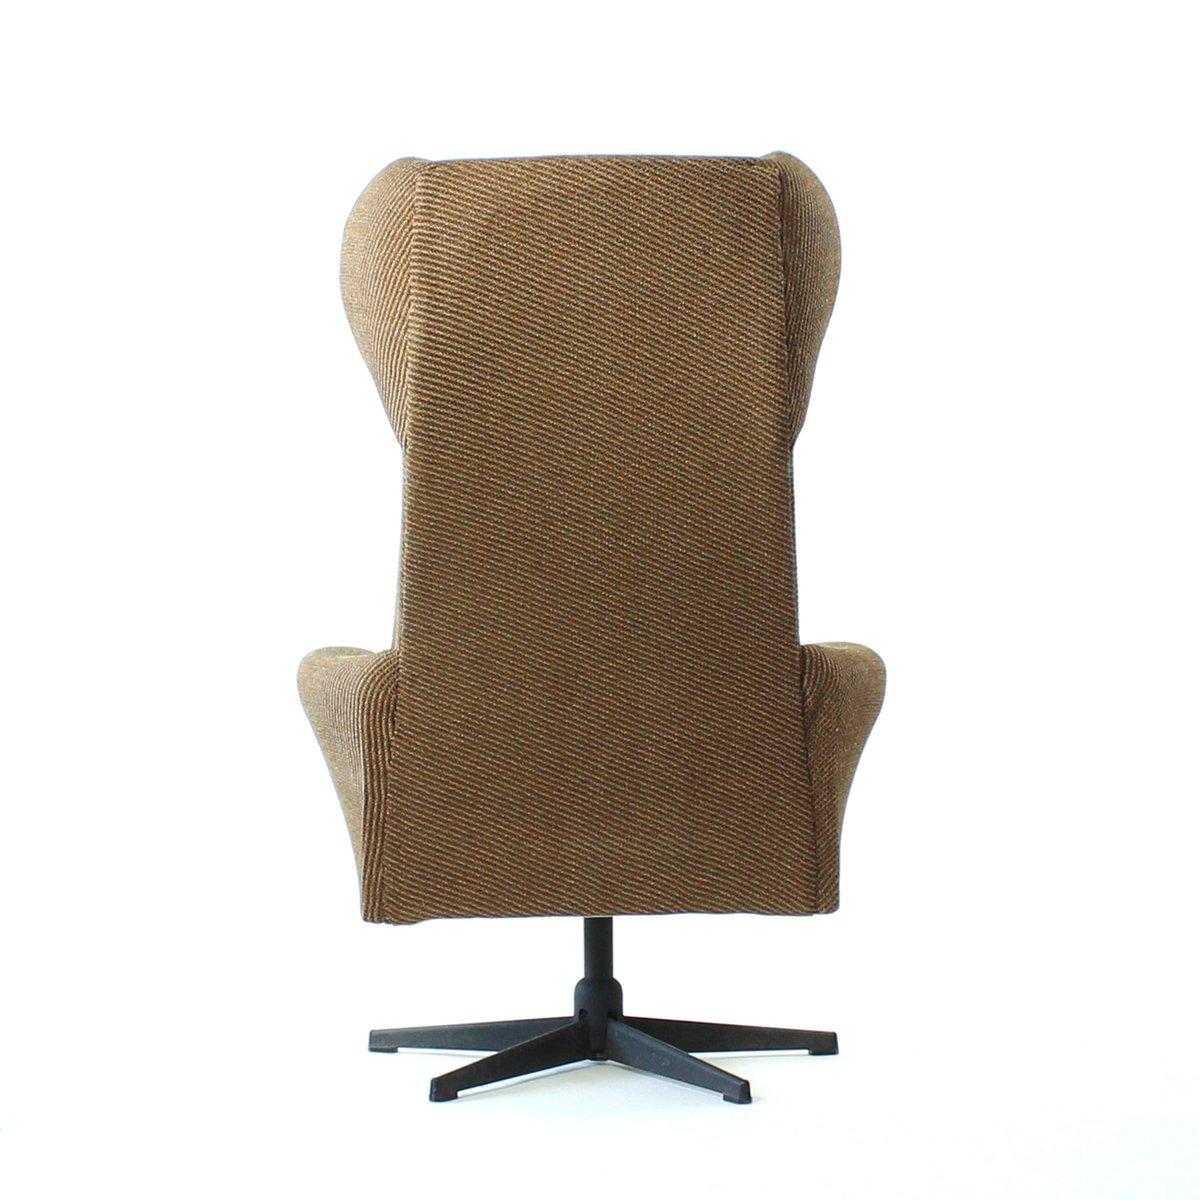 fauteuil oreilles pivotant en tissu marron r publique. Black Bedroom Furniture Sets. Home Design Ideas